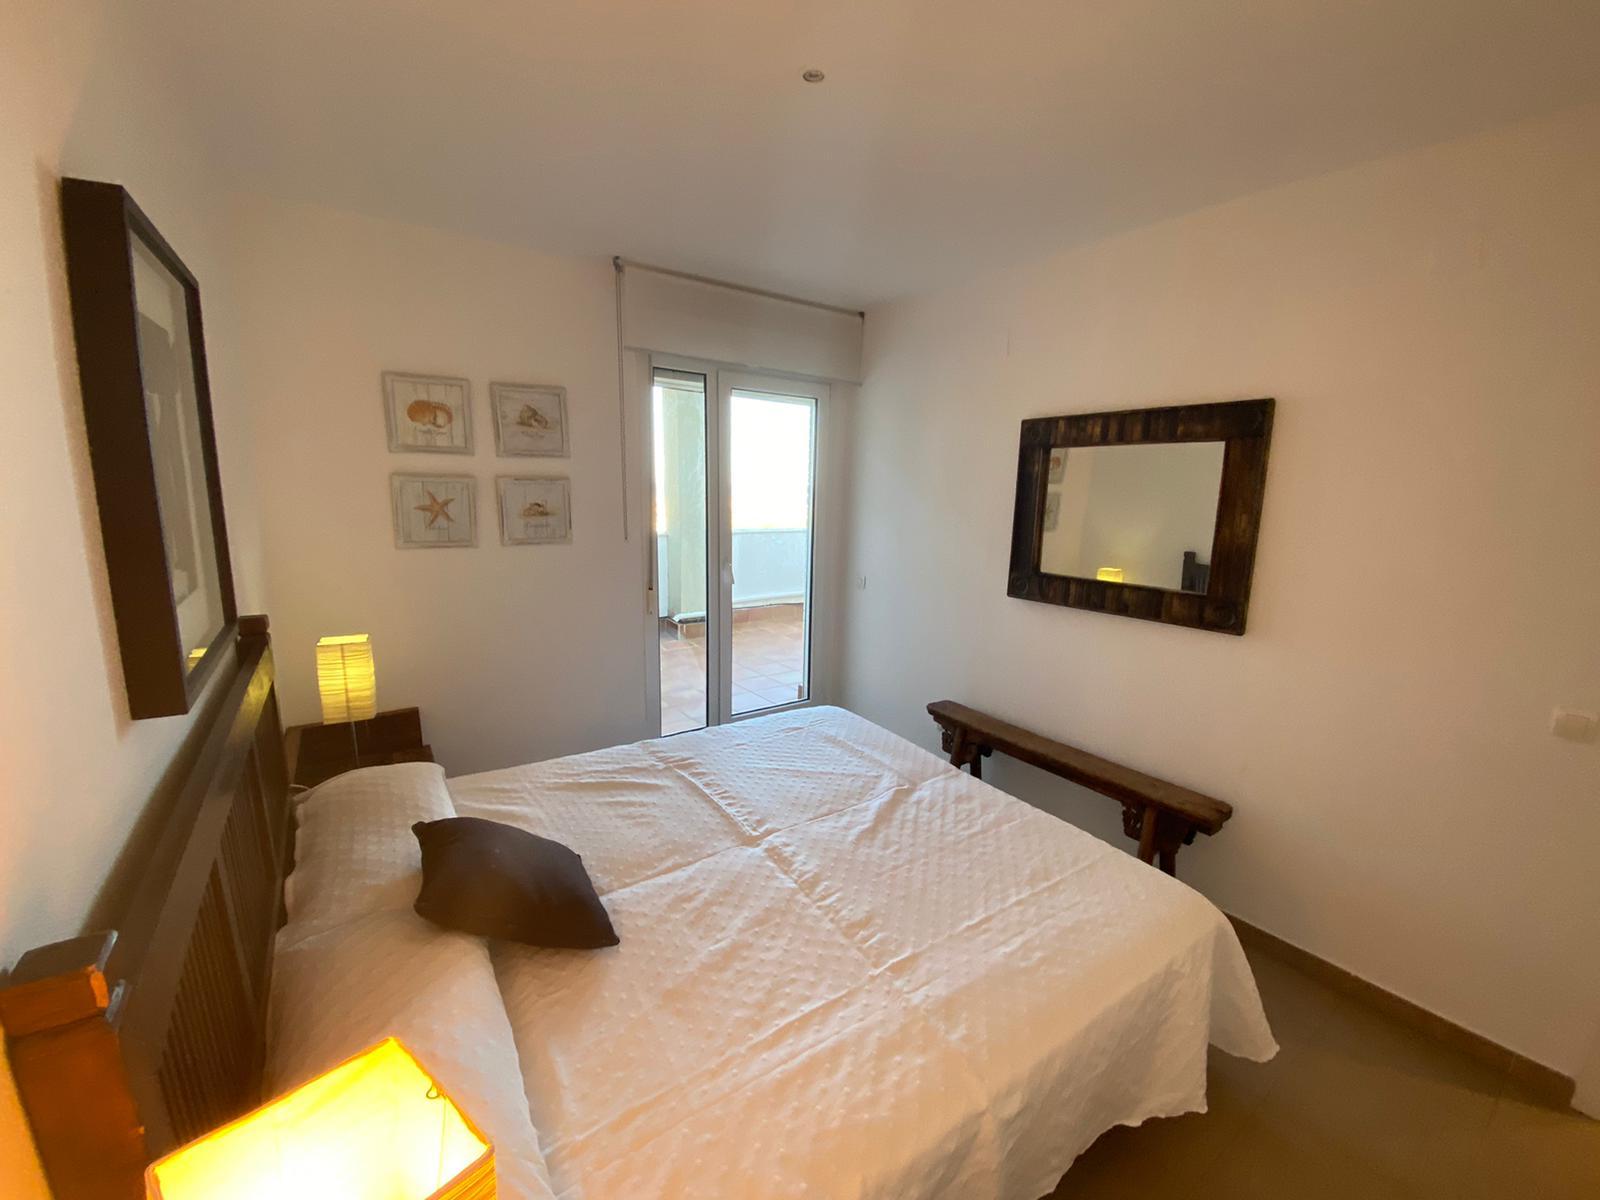 Imagen 22 del Apartamento Turístico, Ático 4 Levante, Frontal (4d+2b), Punta del Moral (HUELVA), Paseo de la Cruz nº22